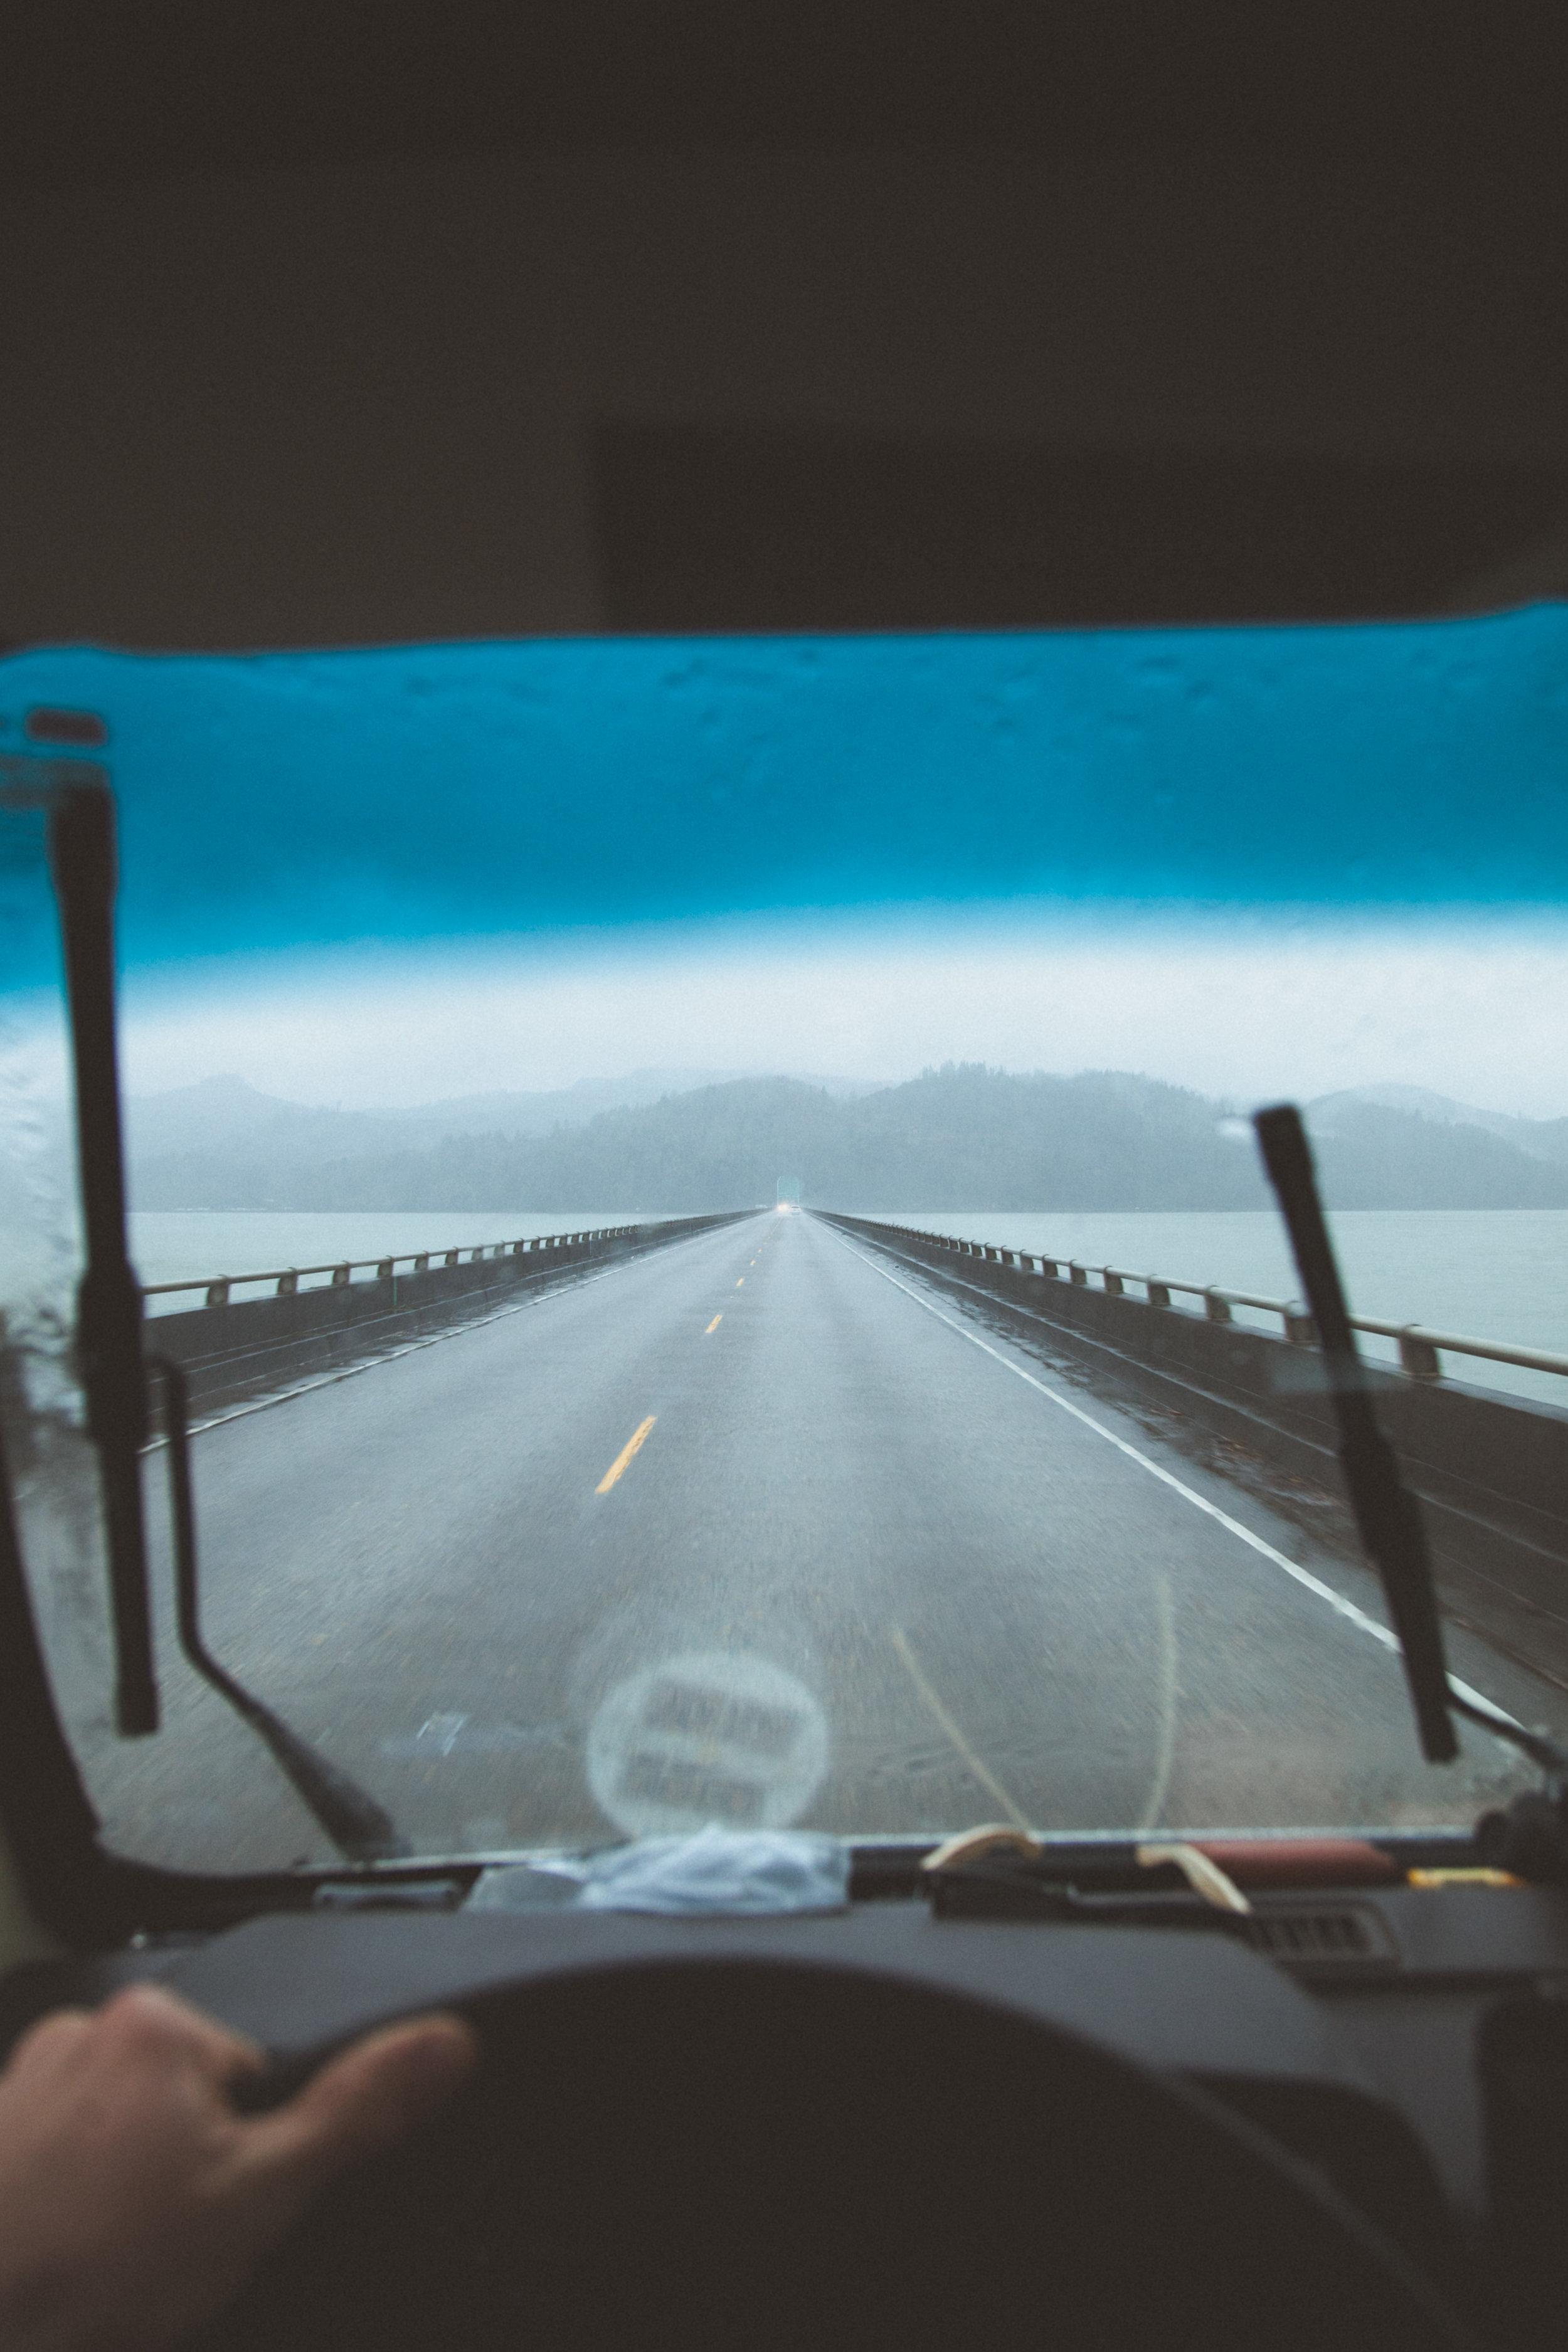 More Road